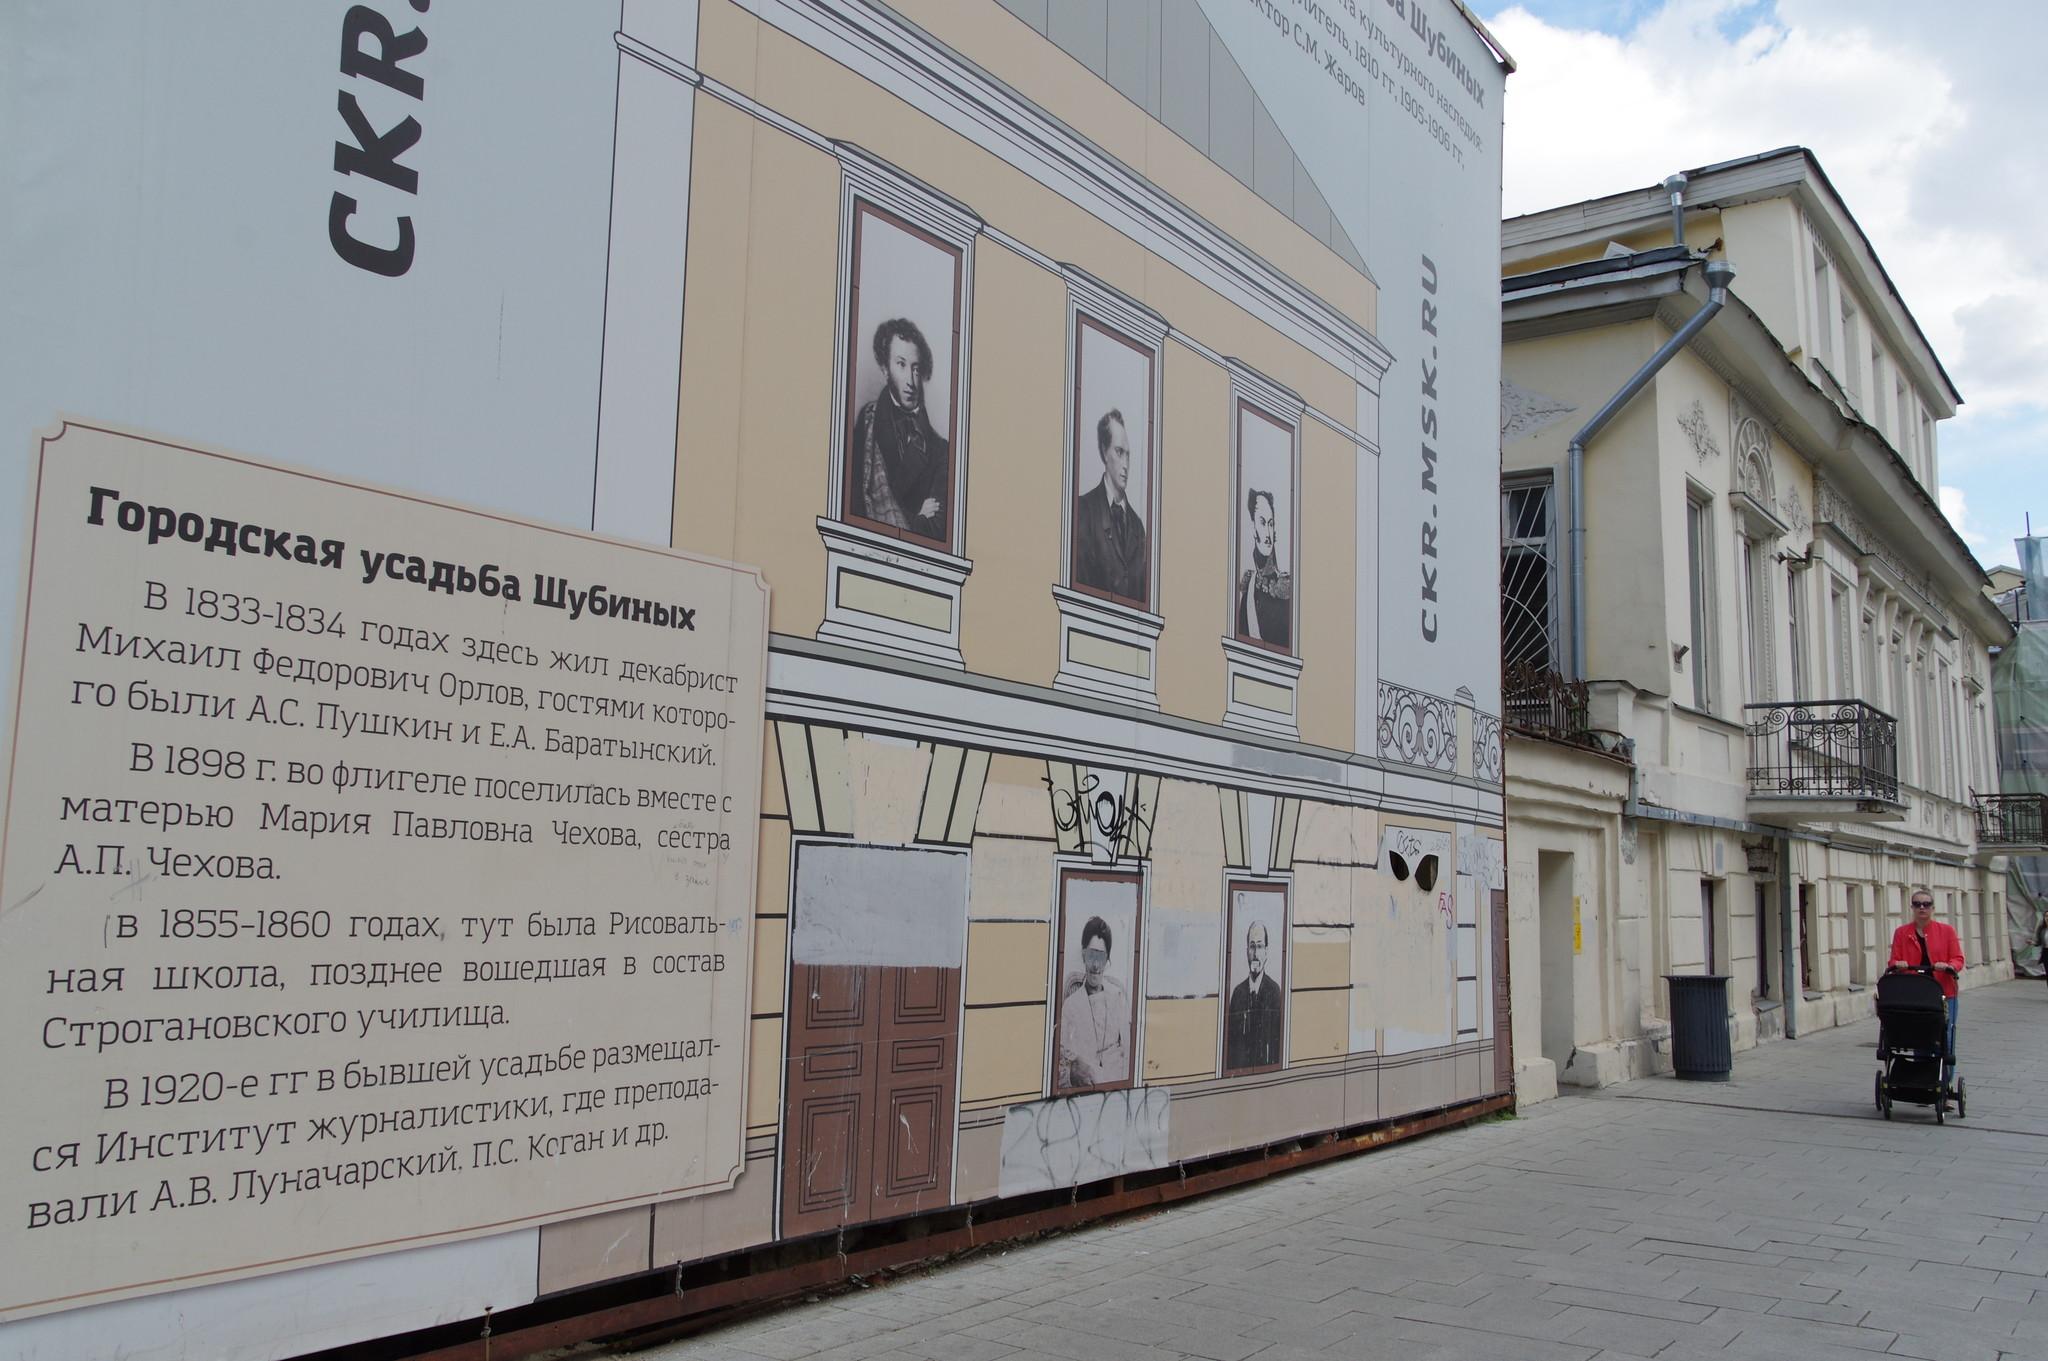 Городская усадьба Шубиных (улица Малая Дмитровка, дом 12)